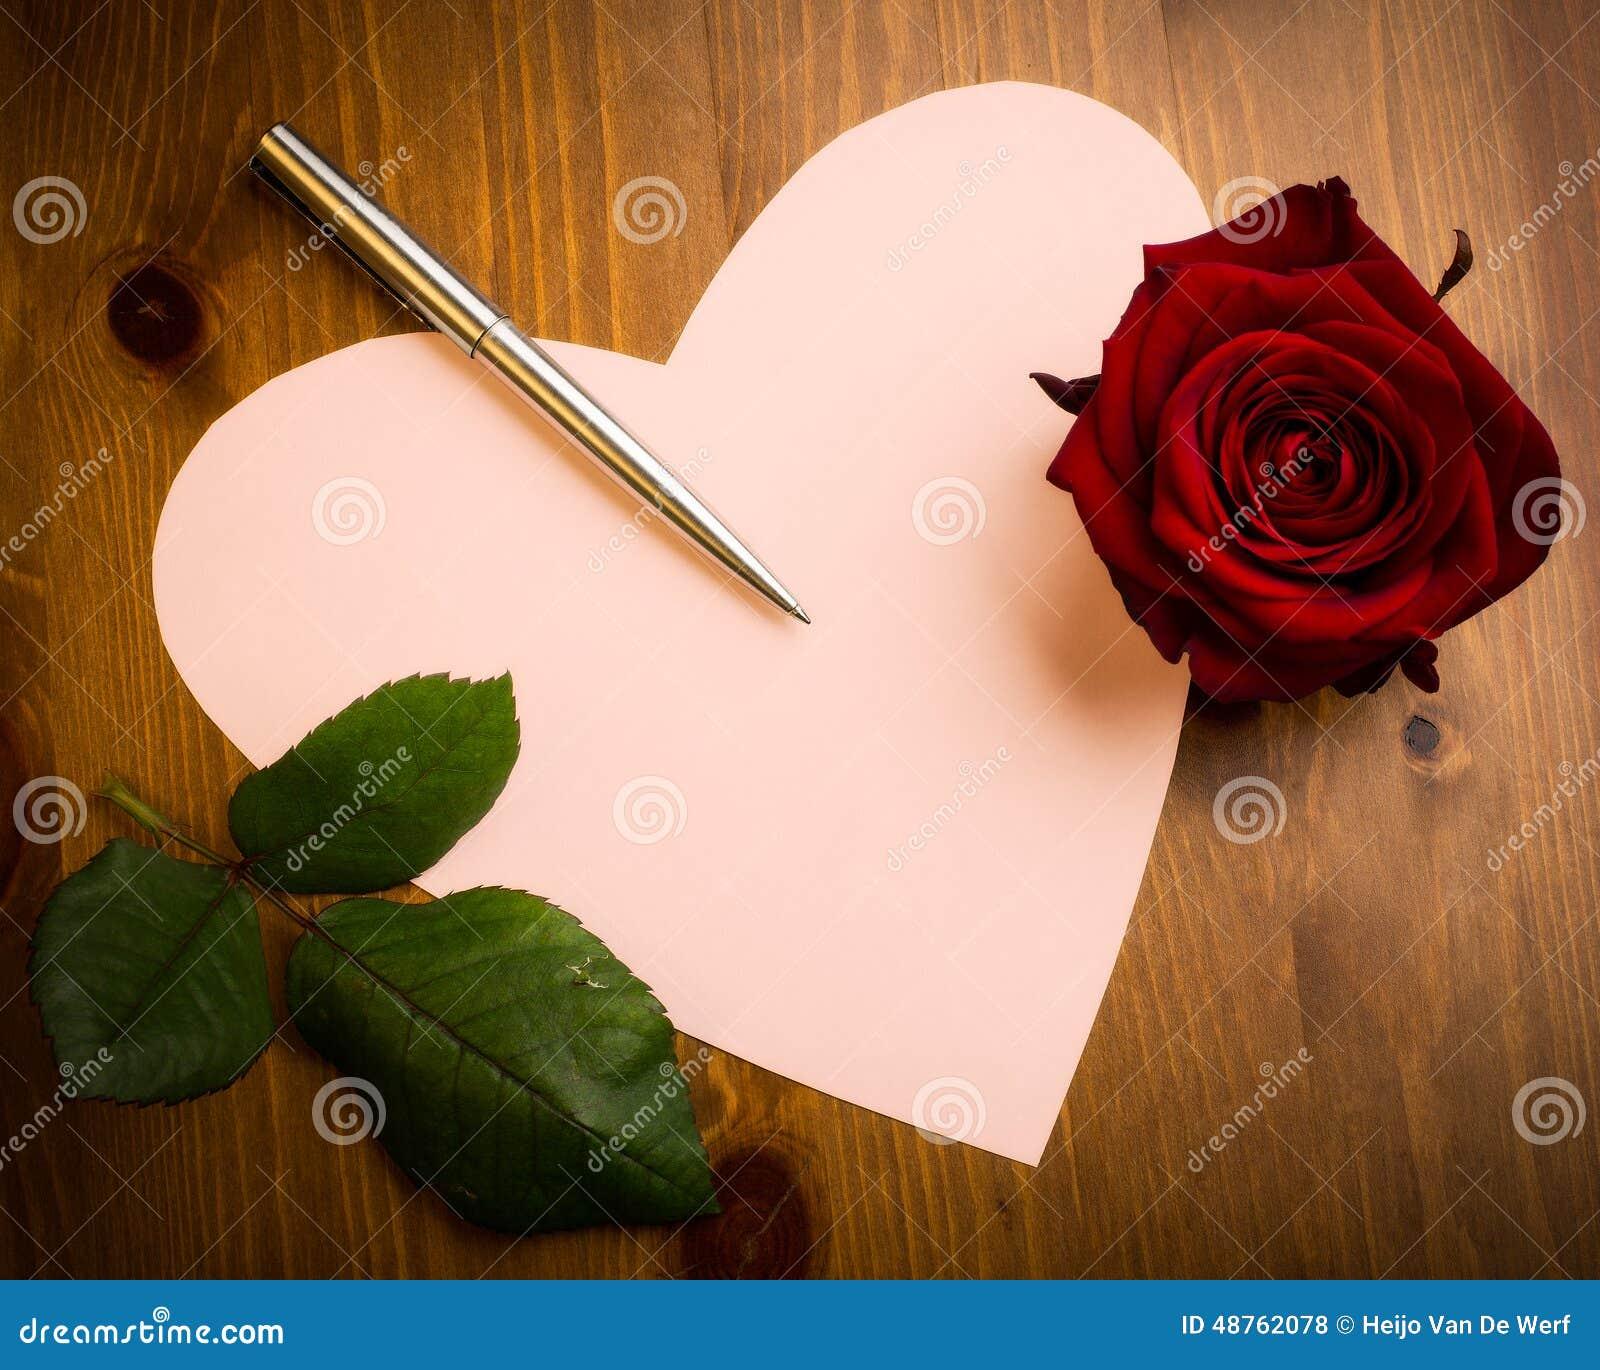 Ideas for Designing a Rose Garden